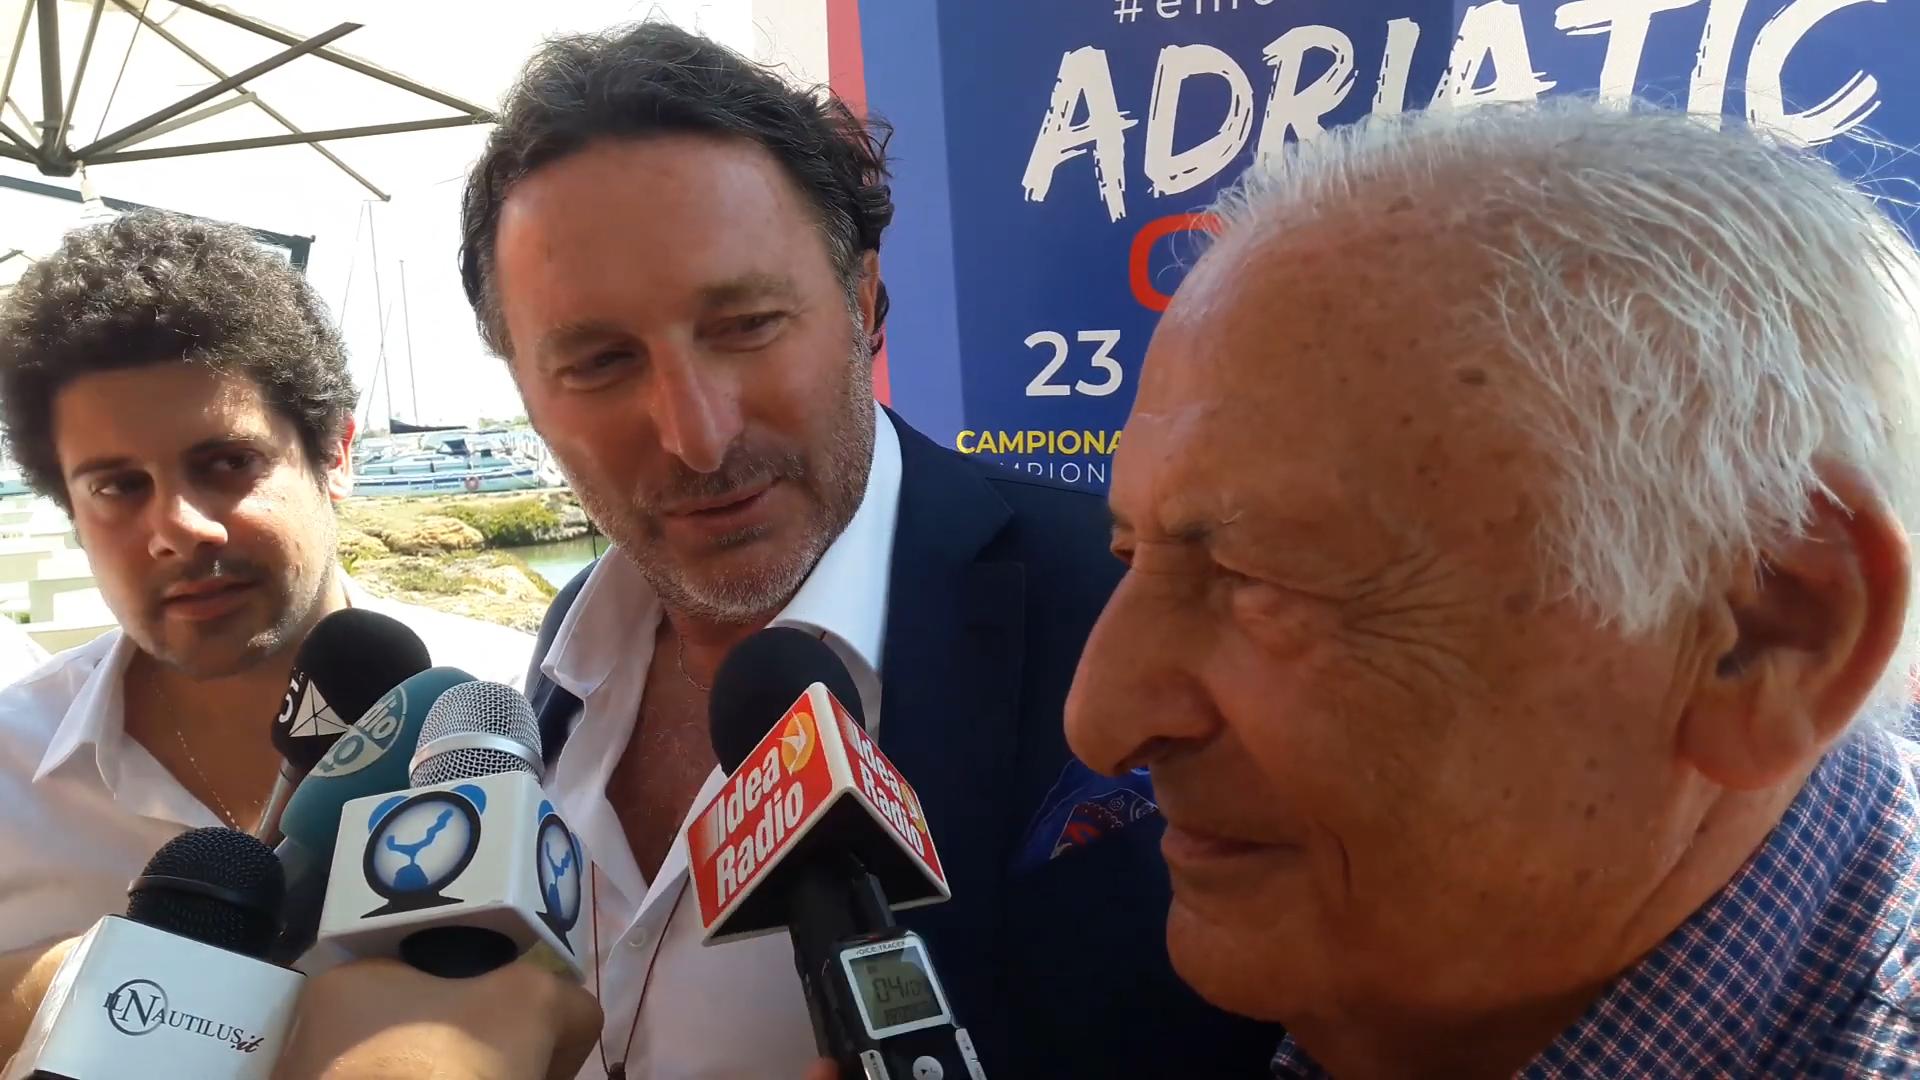 VIDEO – Adriatic Cup e concerto Emozioni, le dichiarazioni di Danese